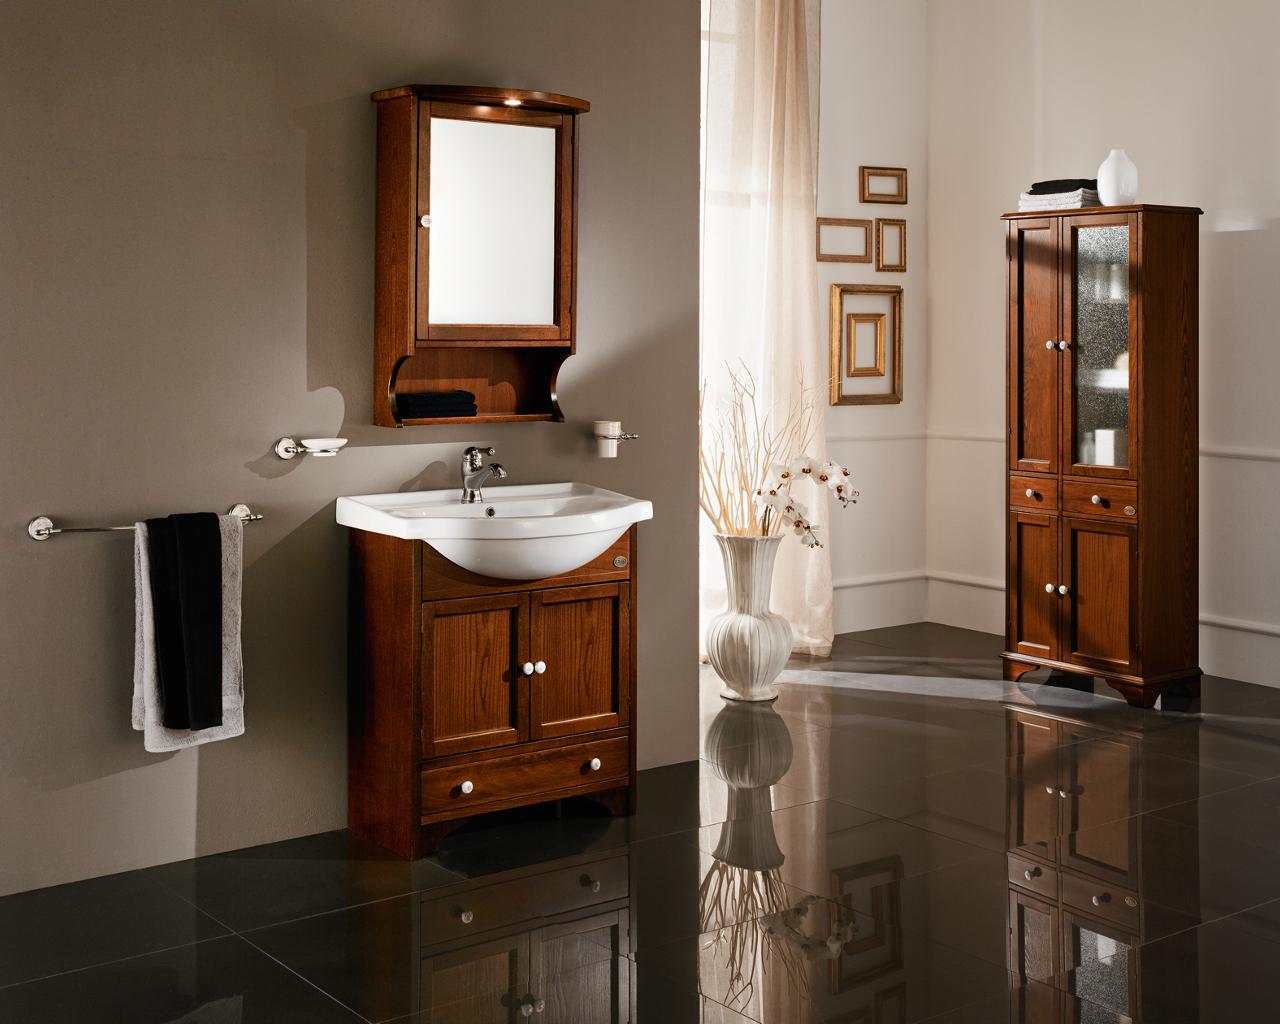 Prodotti di eban per arredobagno cllat spa for Eban mobili bagno